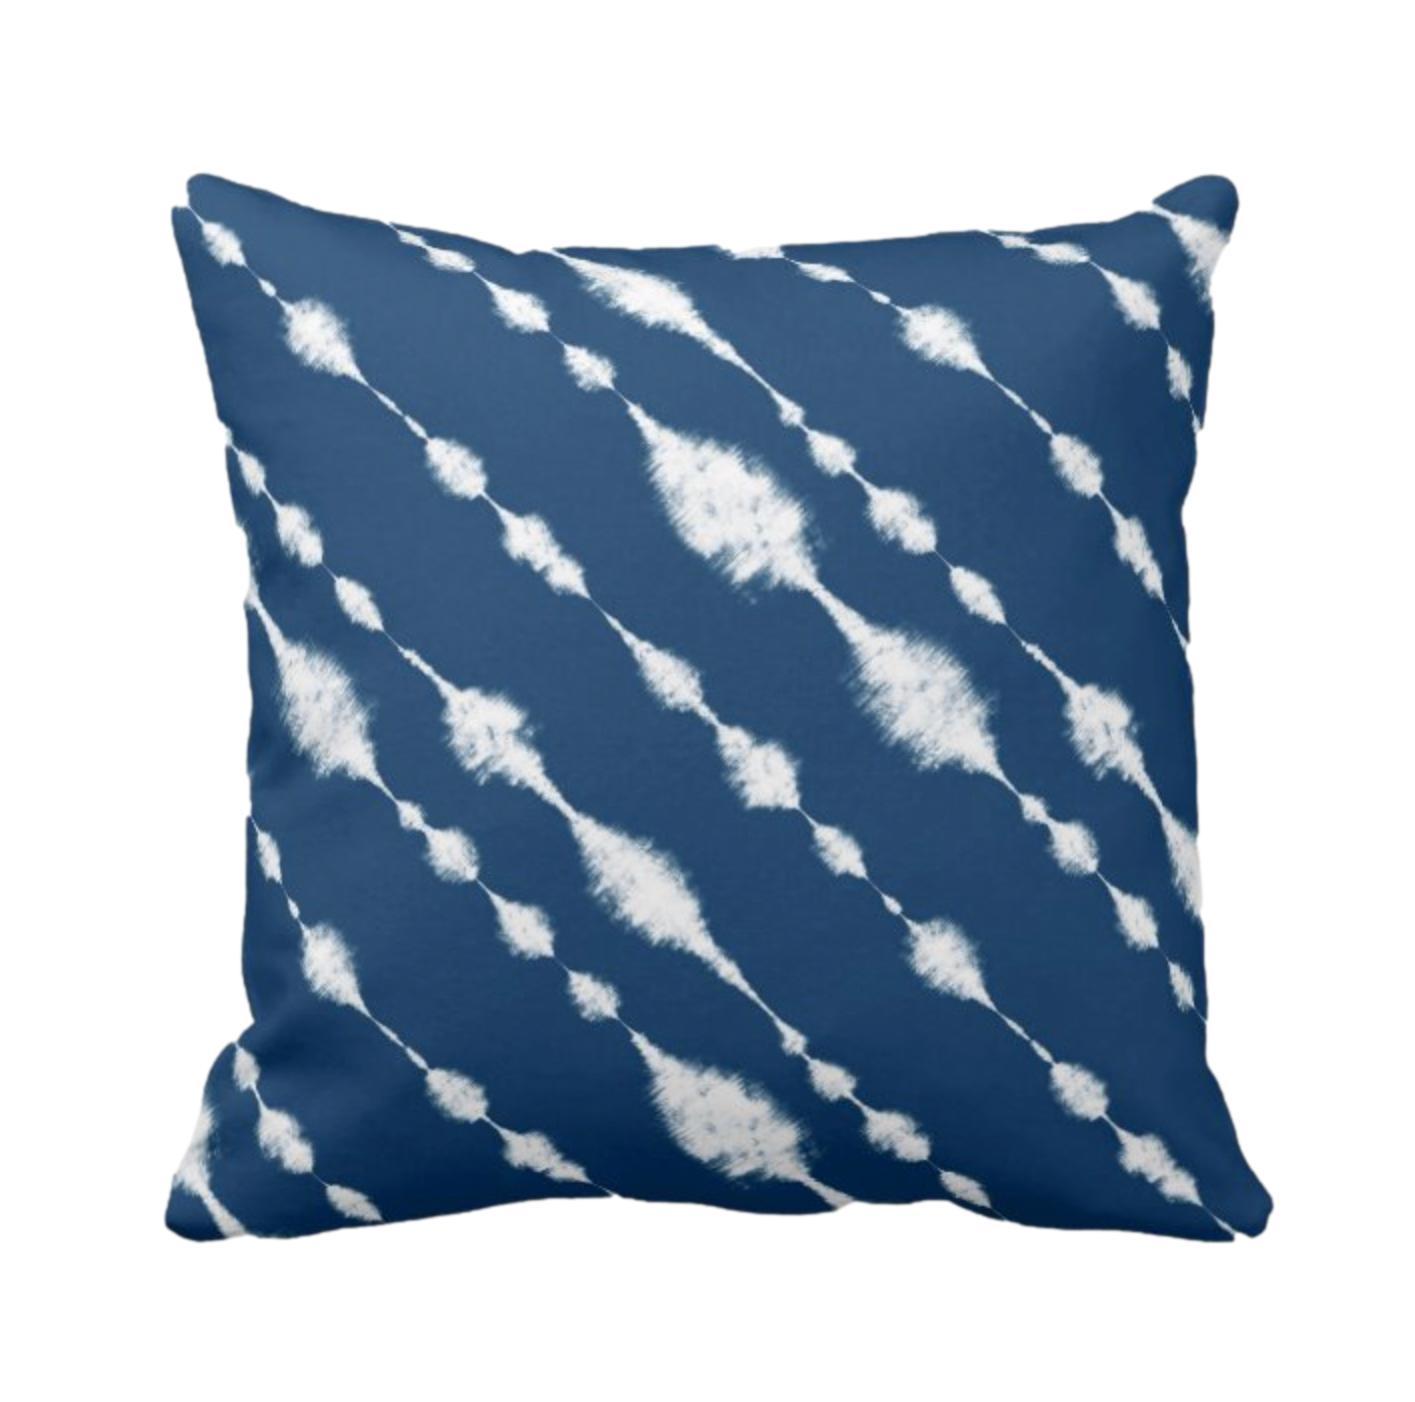 Tie Dye Print Design Throw Cushion 8